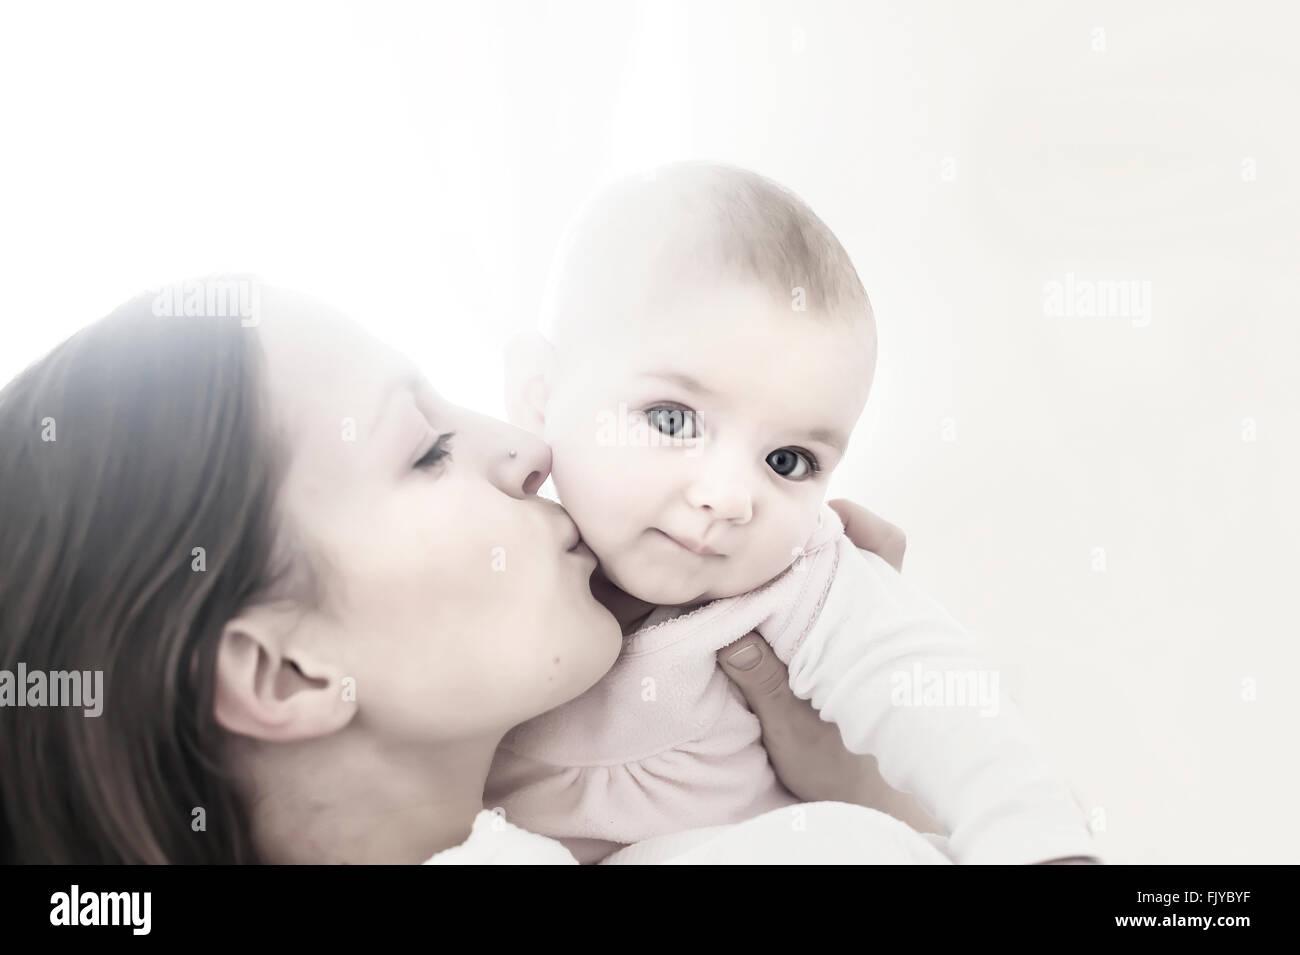 Jeune mère embrassant son bébé dans les bras Photo Stock